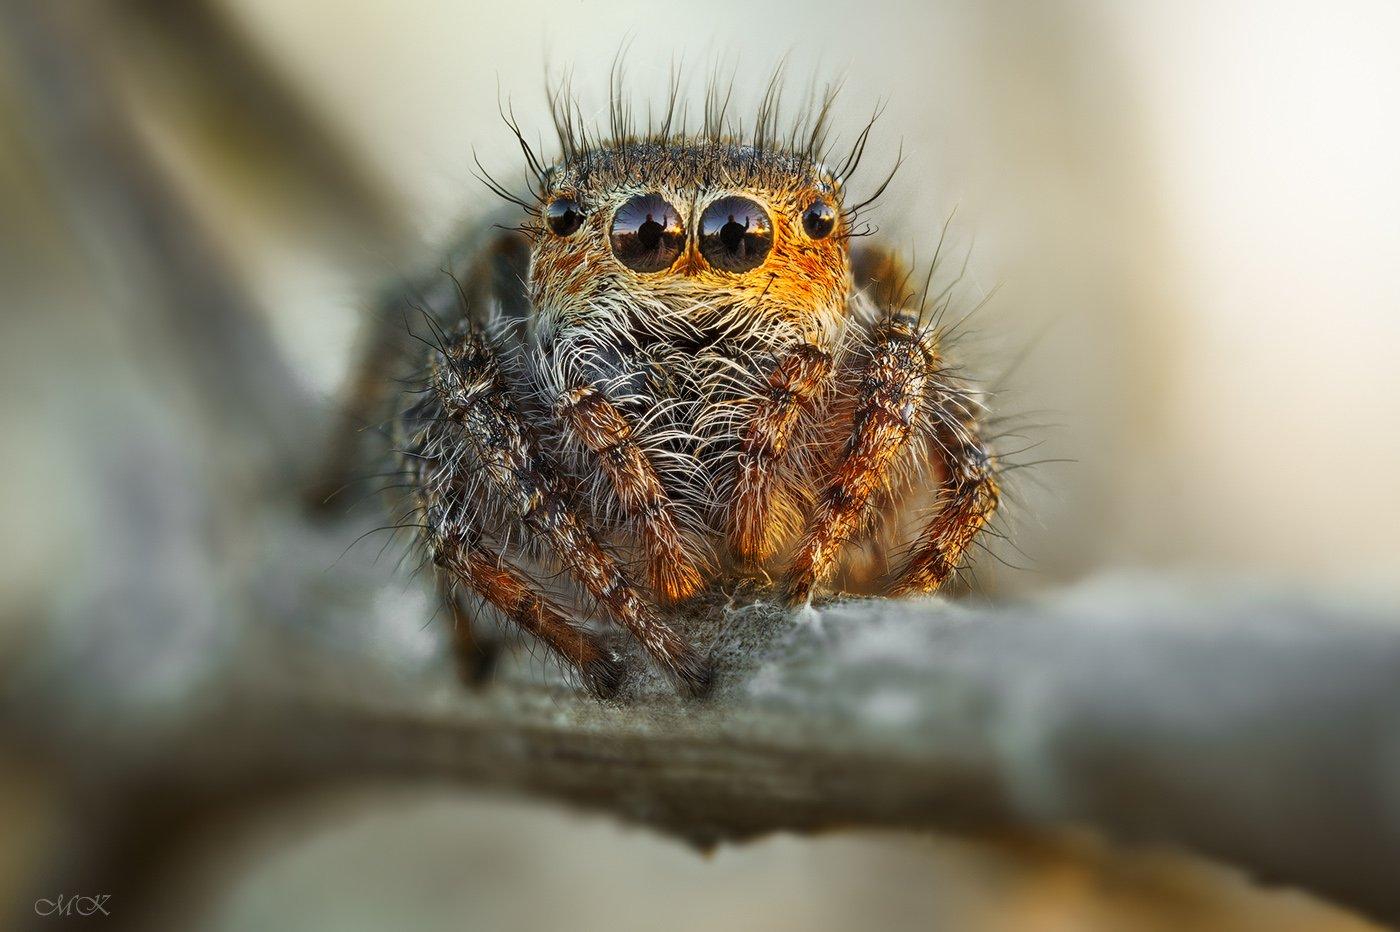 утренний, автопортрет, в, глазах, паука-скакуна, Miron Karlinsky